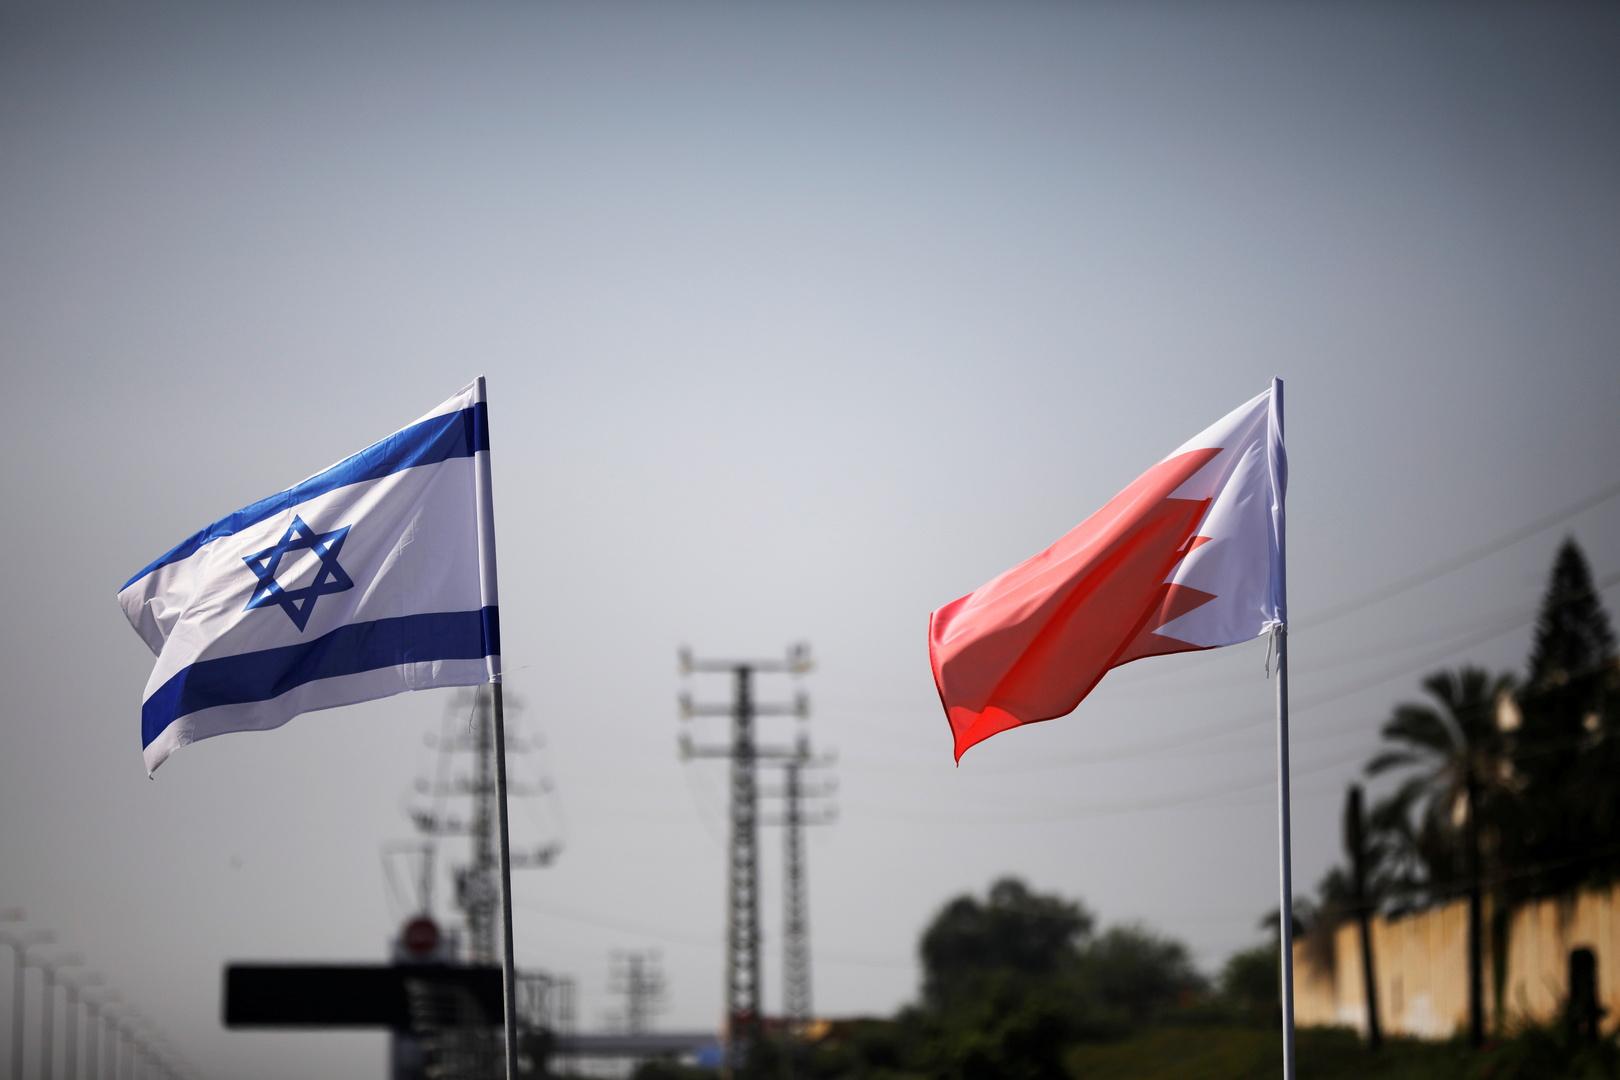 قريبا.. إسرائيل تزود البحرين بتكنولوجيا لتحلية المياه المالحة